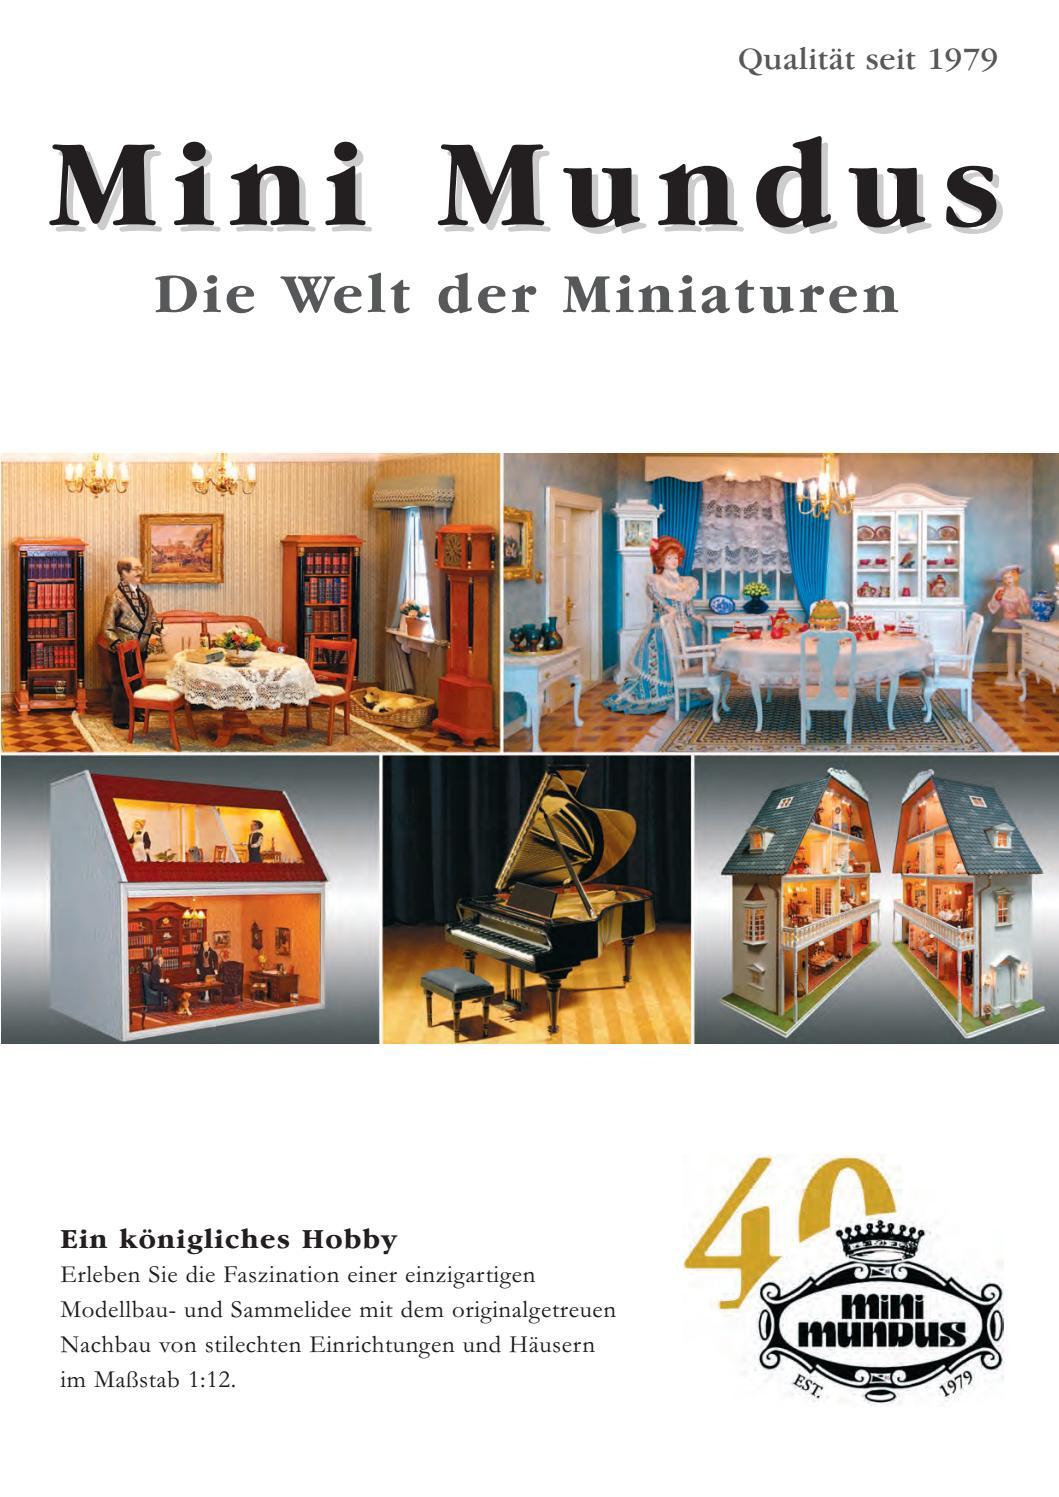 2 Regenschirmen Puppenhaus M/öbel Wohnzimmer Miniatur 1:12 Schirmst/änder m